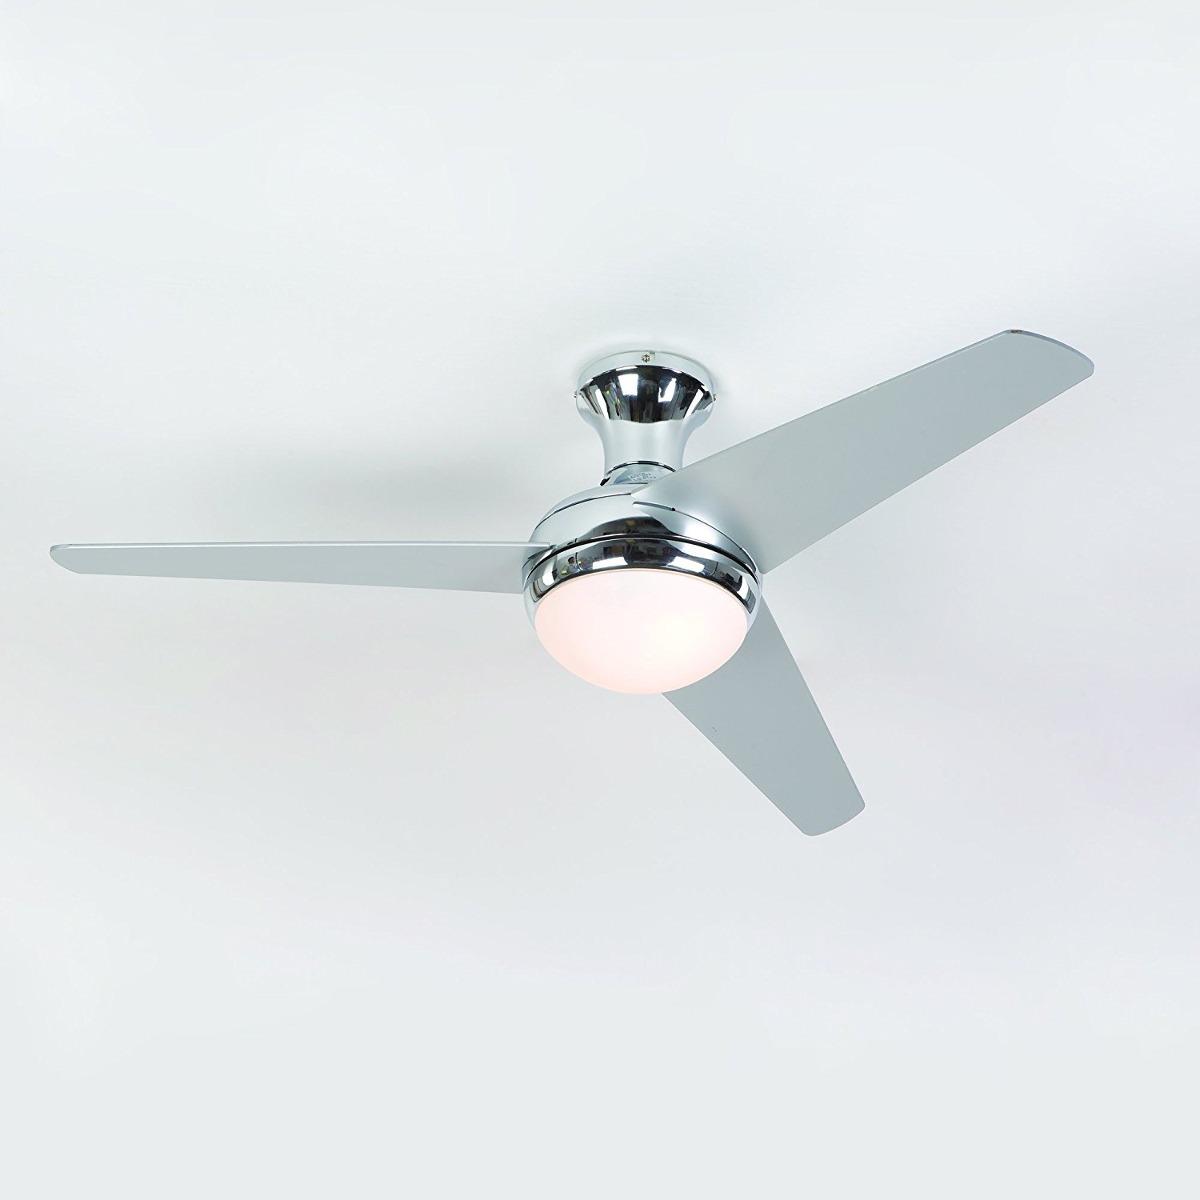 Yosemite home decor adalyn ch 48 inch ceiling fan in chrome 48 inch ceiling fan in chrome cargando zoom aloadofball Images